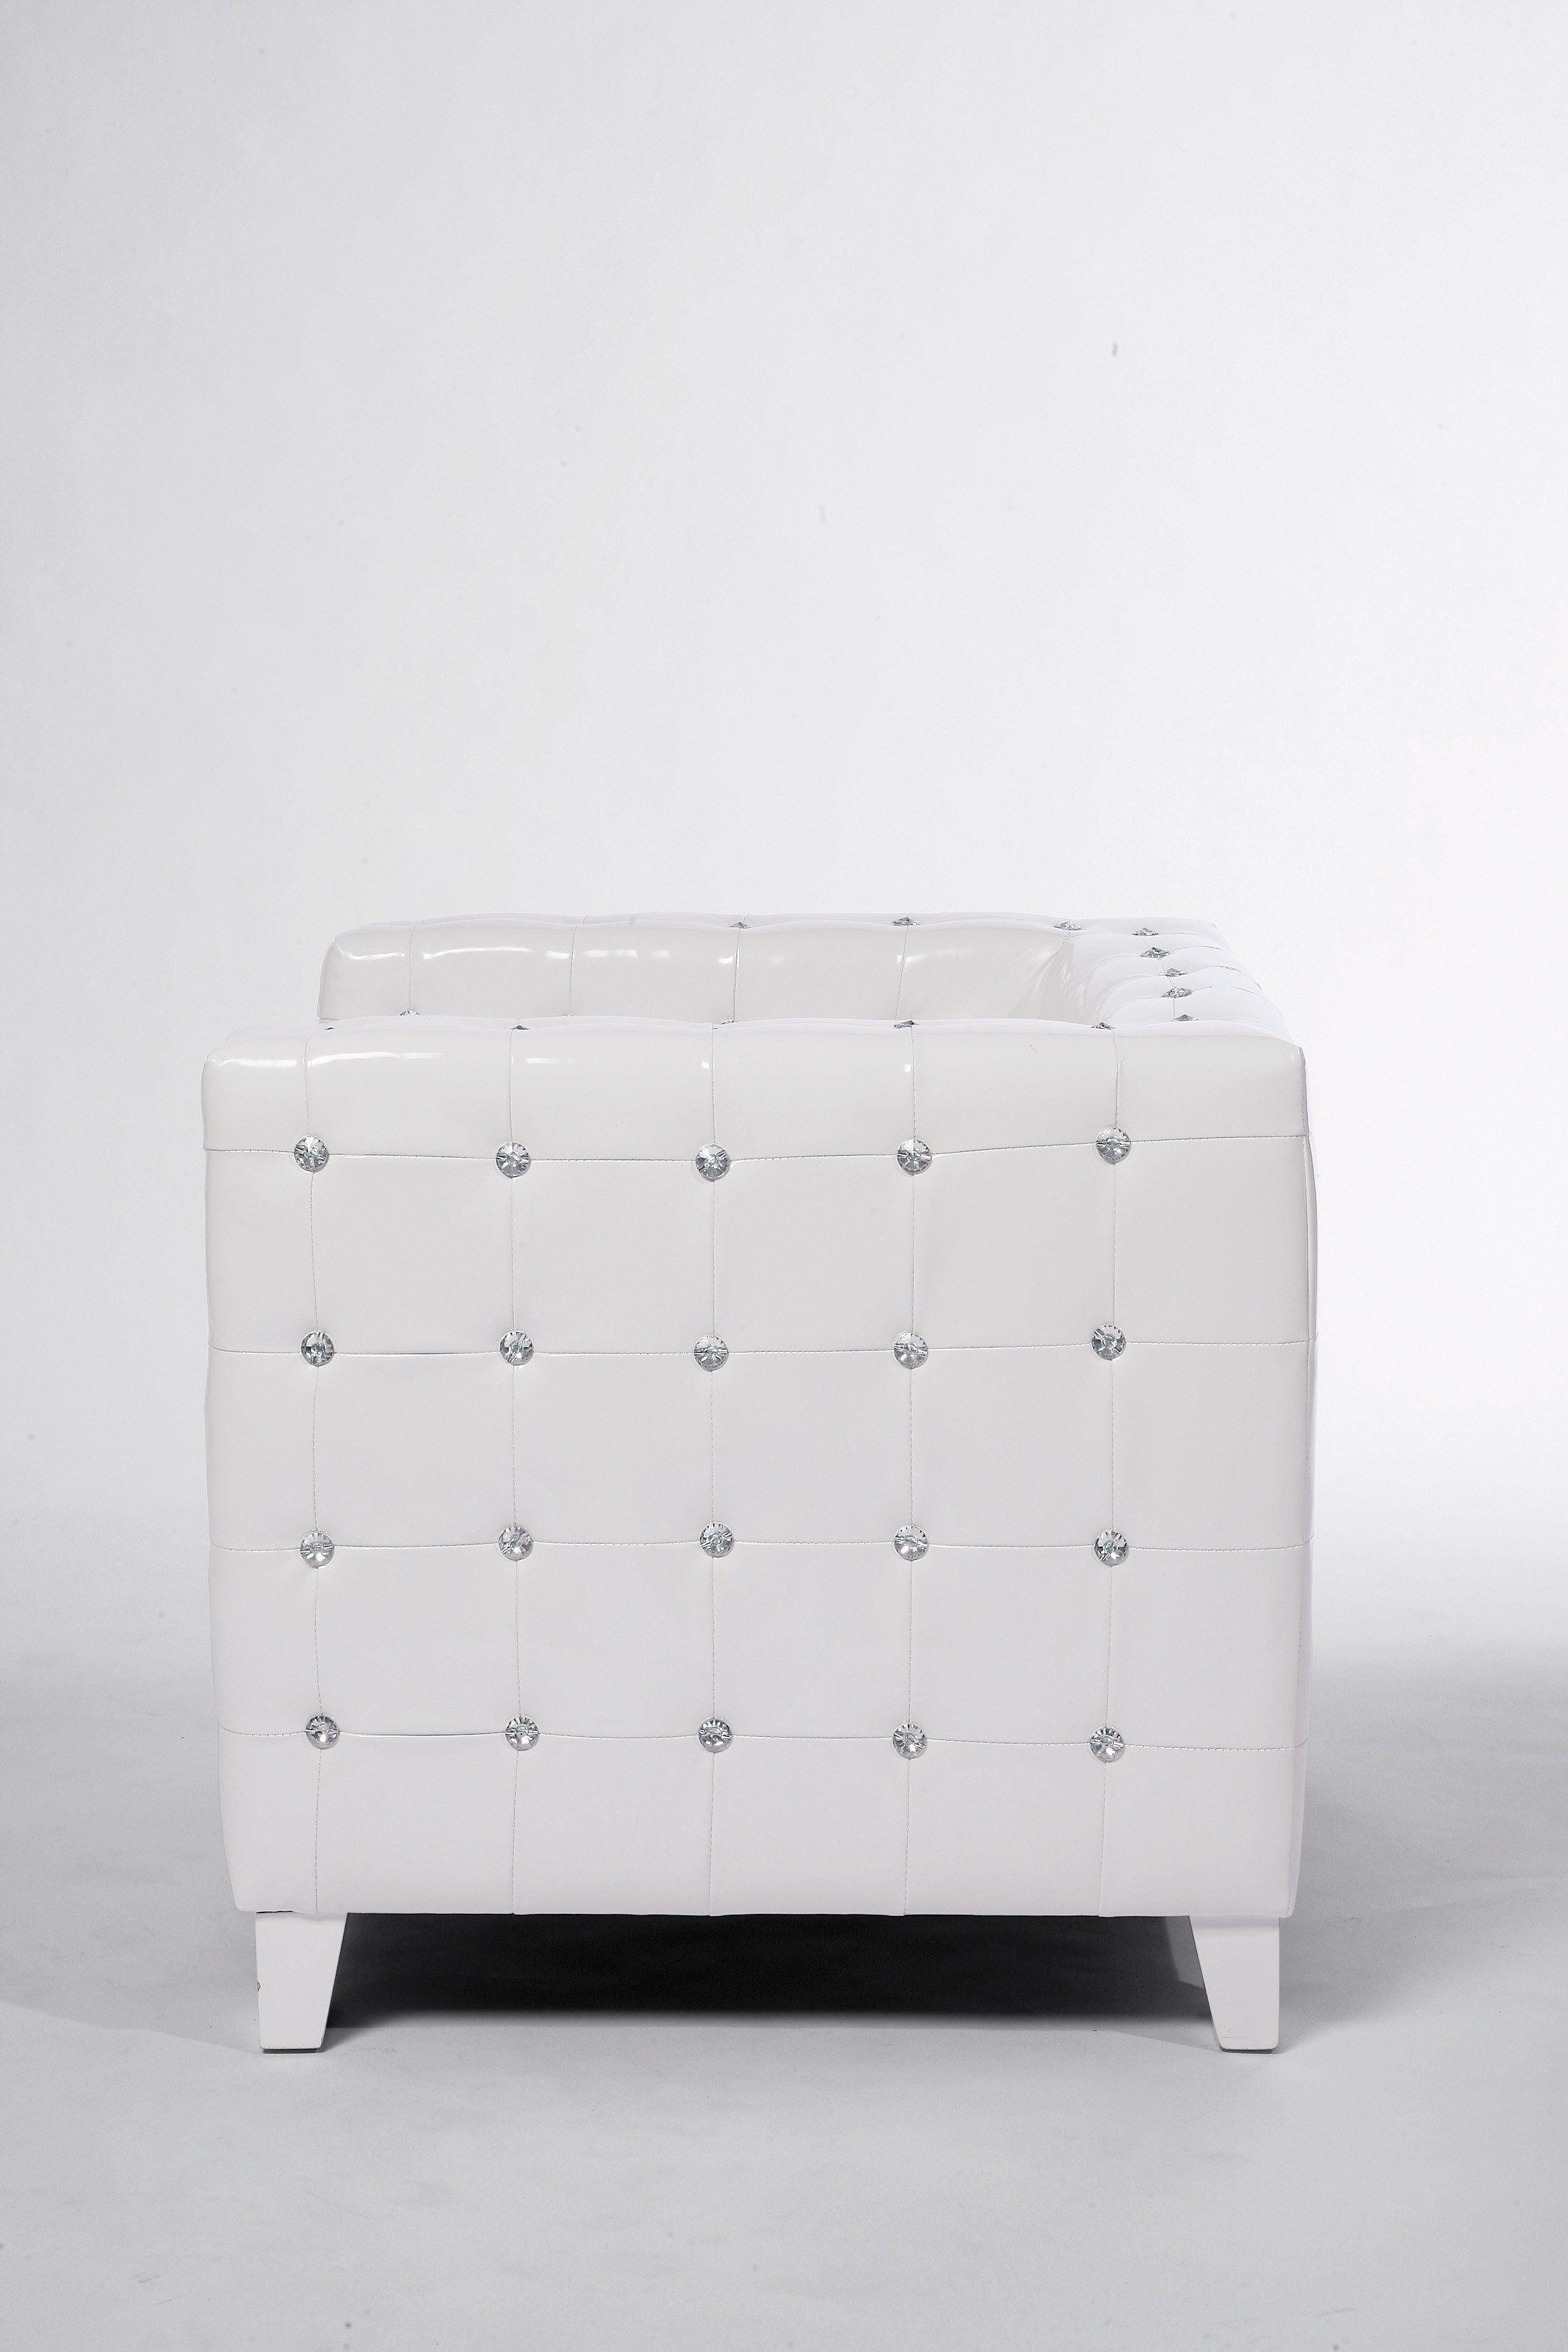 poltrona in pelle con braccioli shining cube by kare design. Black Bedroom Furniture Sets. Home Design Ideas